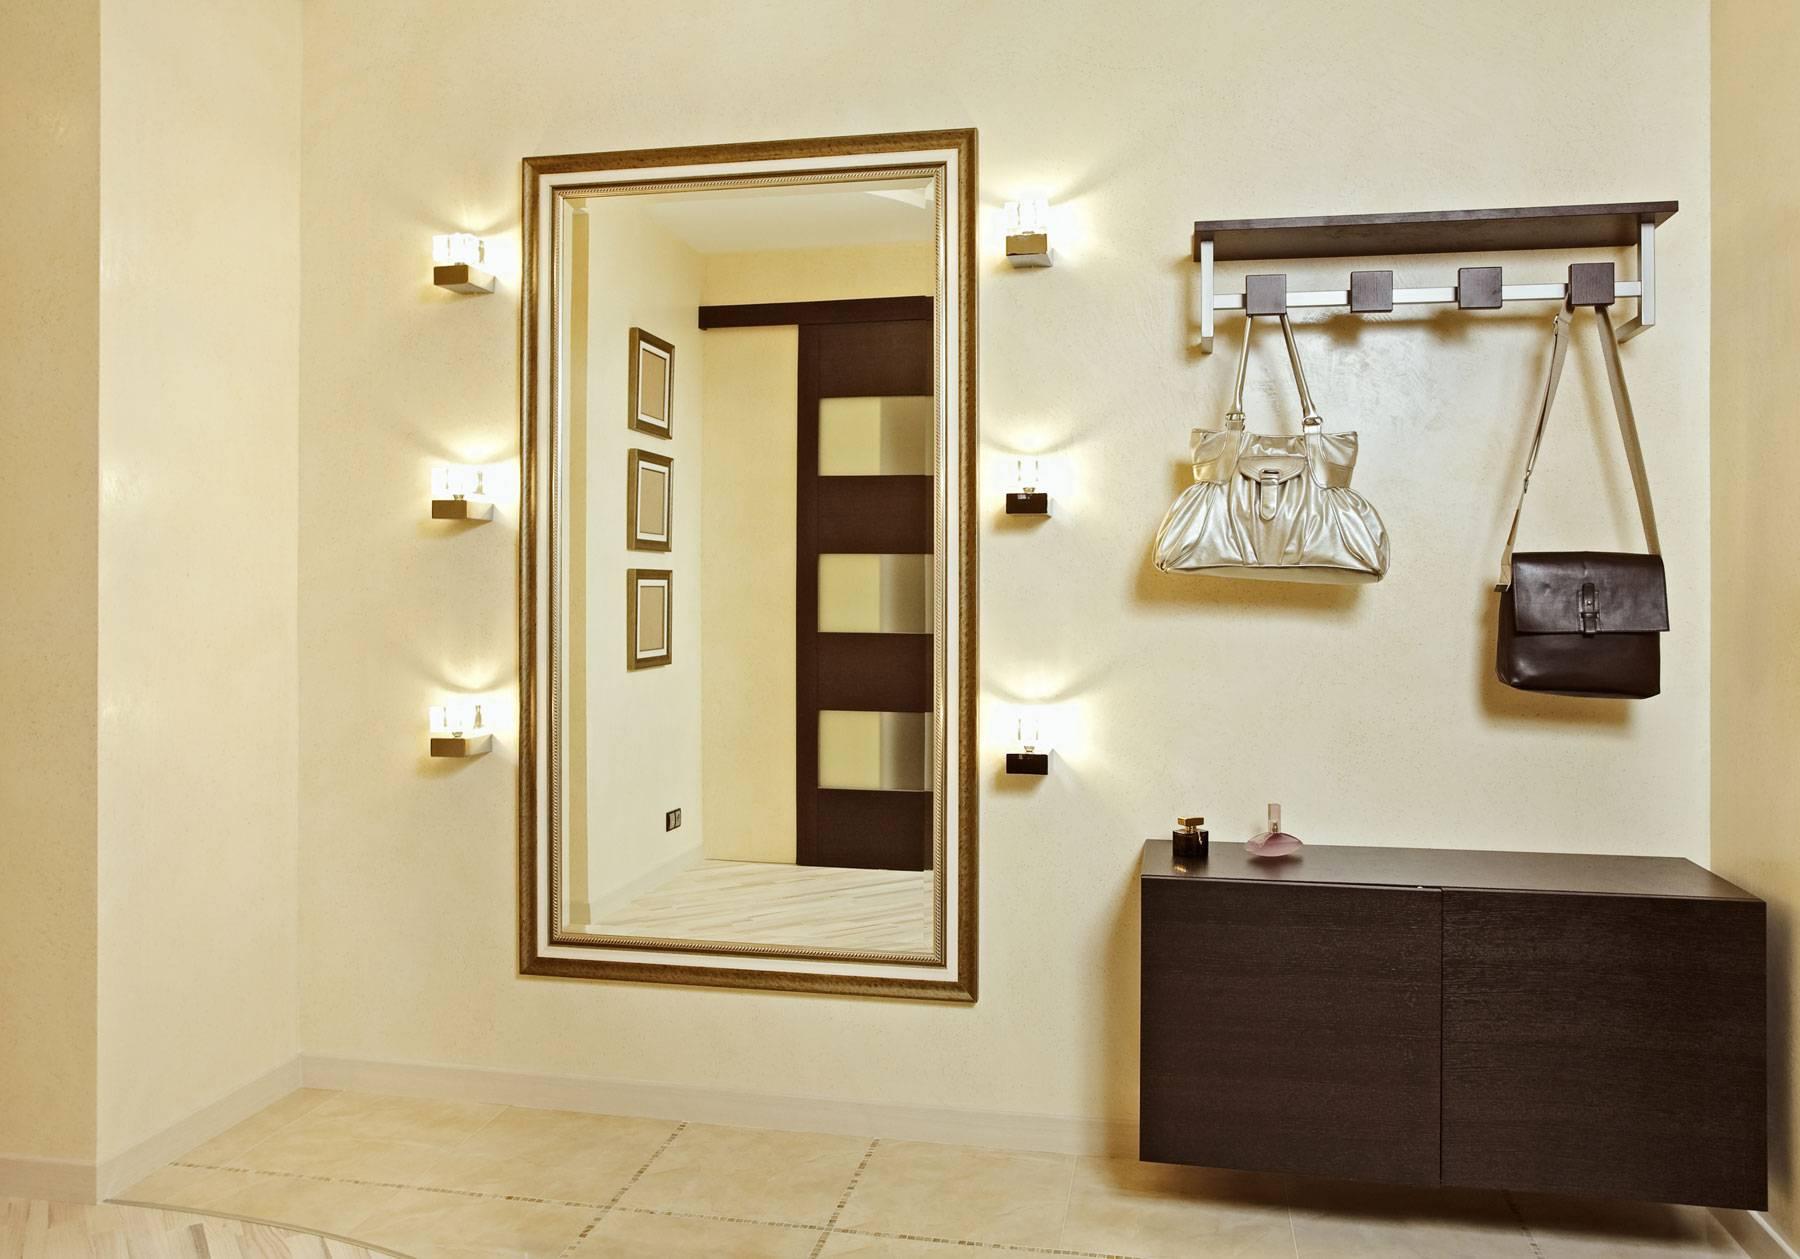 Зеркало в прихожую: 110 фото креативных идей проектирования прихожих с зеркалами